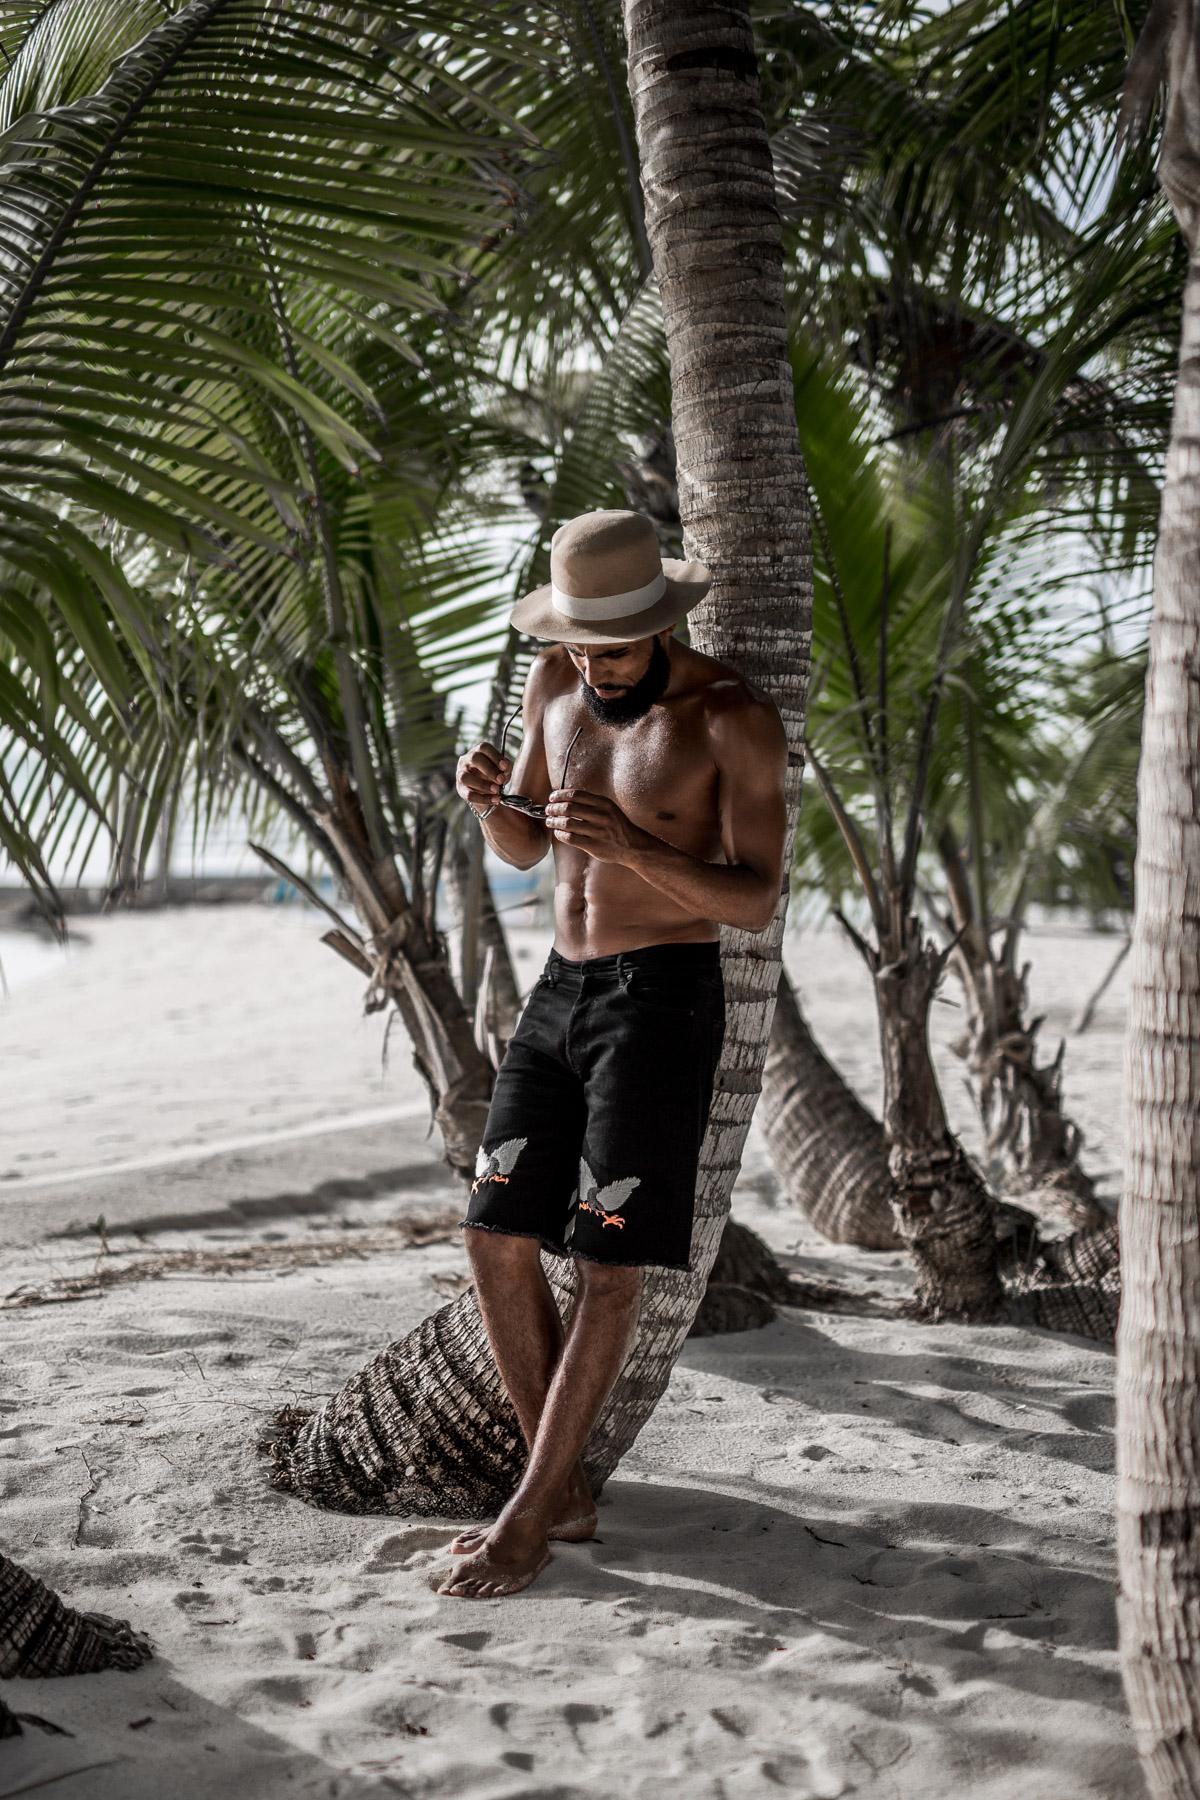 New Kiss on the Blog at the Tiamo Resort on the Bahamas